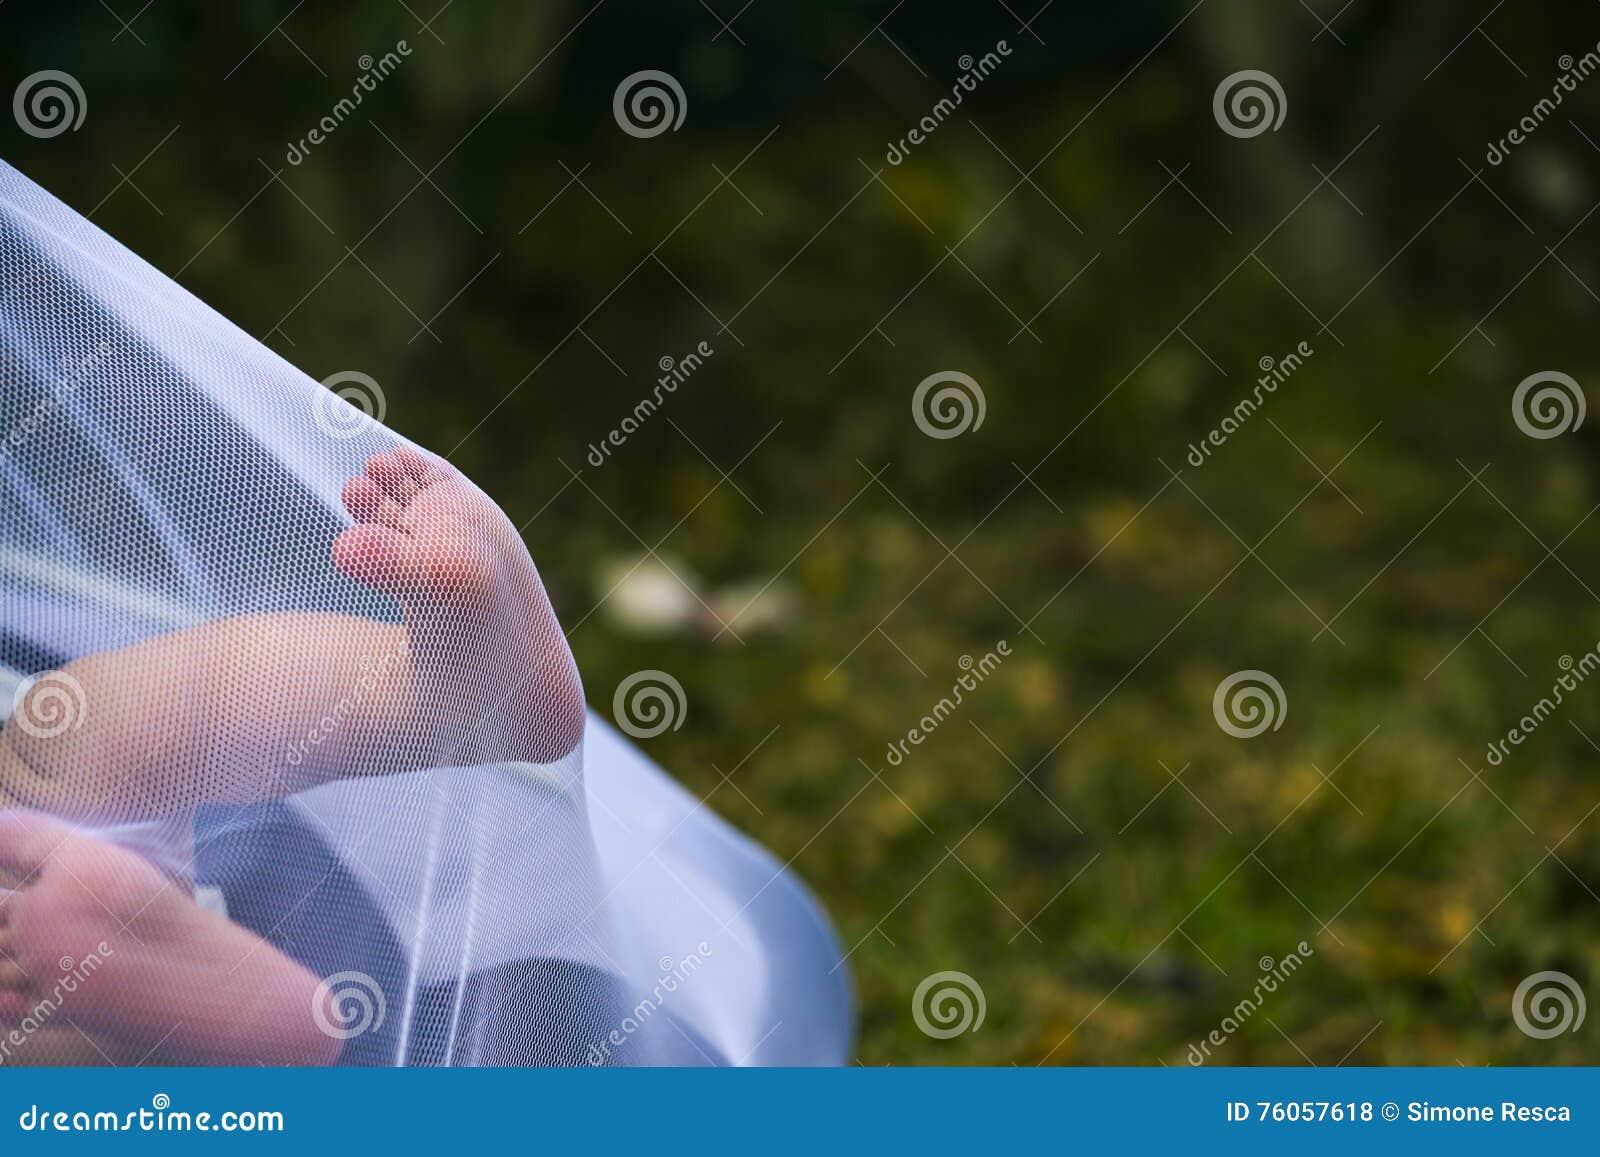 Pieds nouveau-nés poussant une moustiquaire